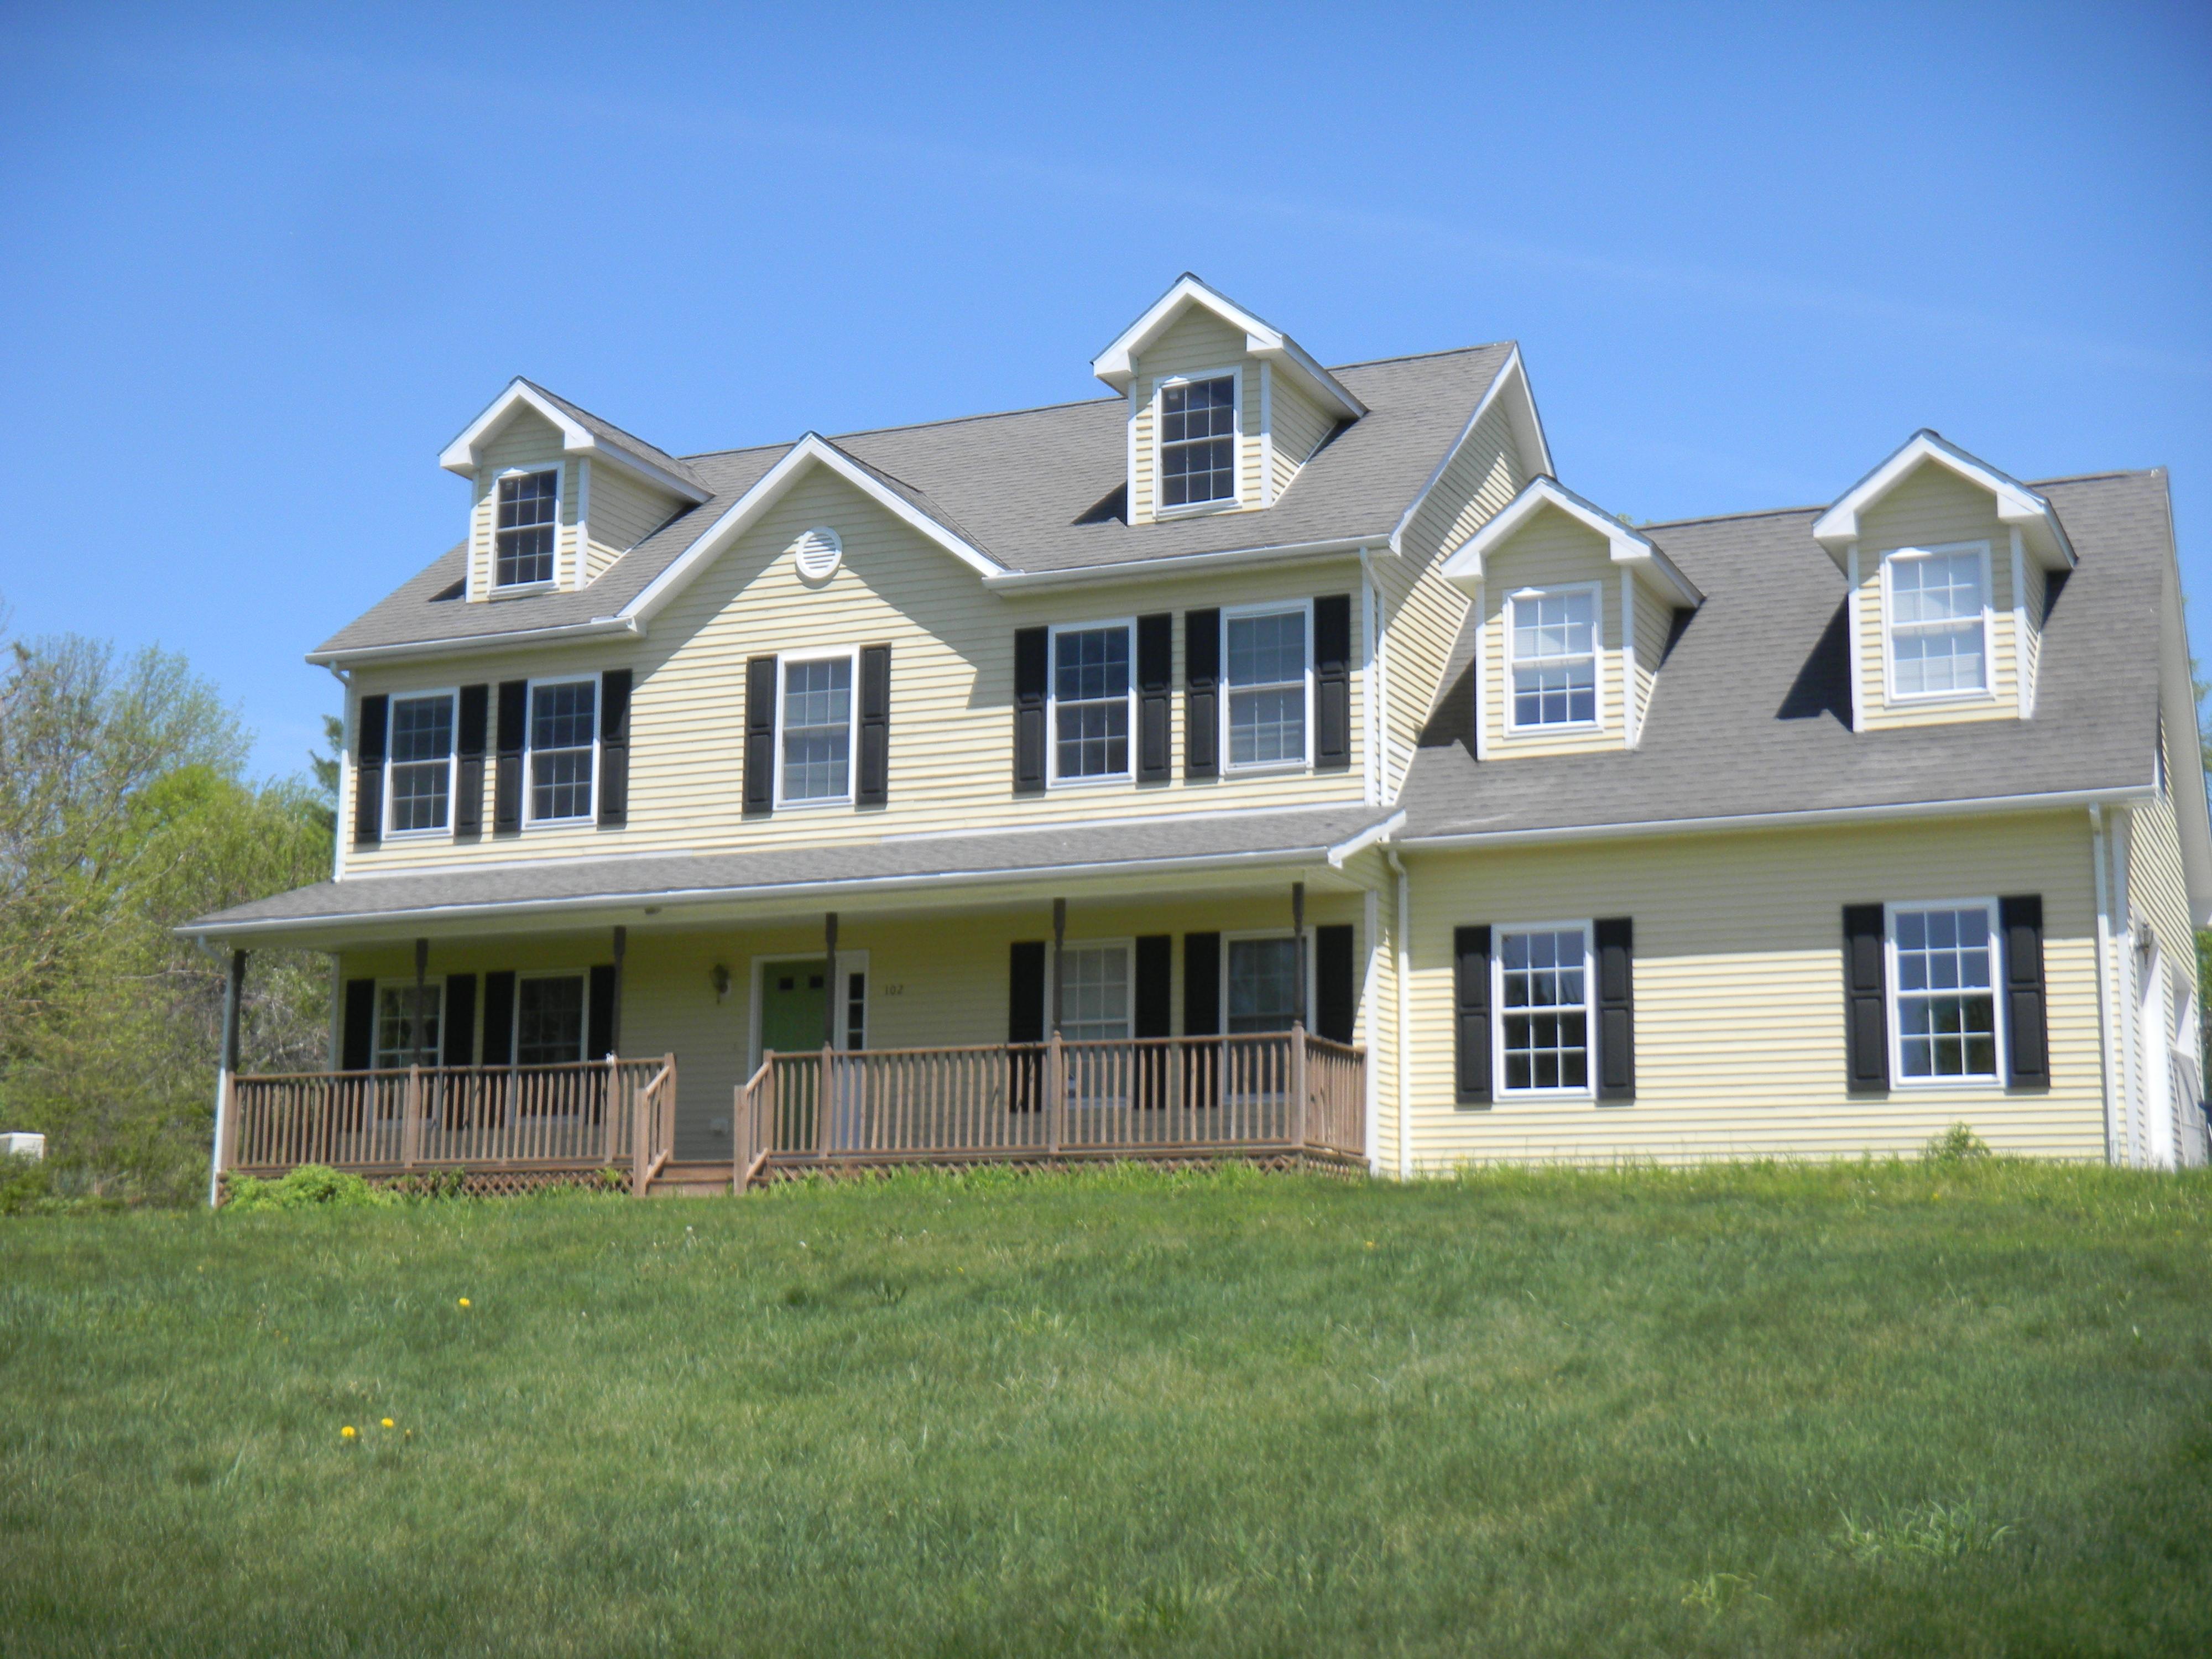 Частный односемейный дом для того Продажа на Wonderful Woodridge Lake Home 102 Weldon Ct Goshen, Коннектикут 06756 Соединенные Штаты